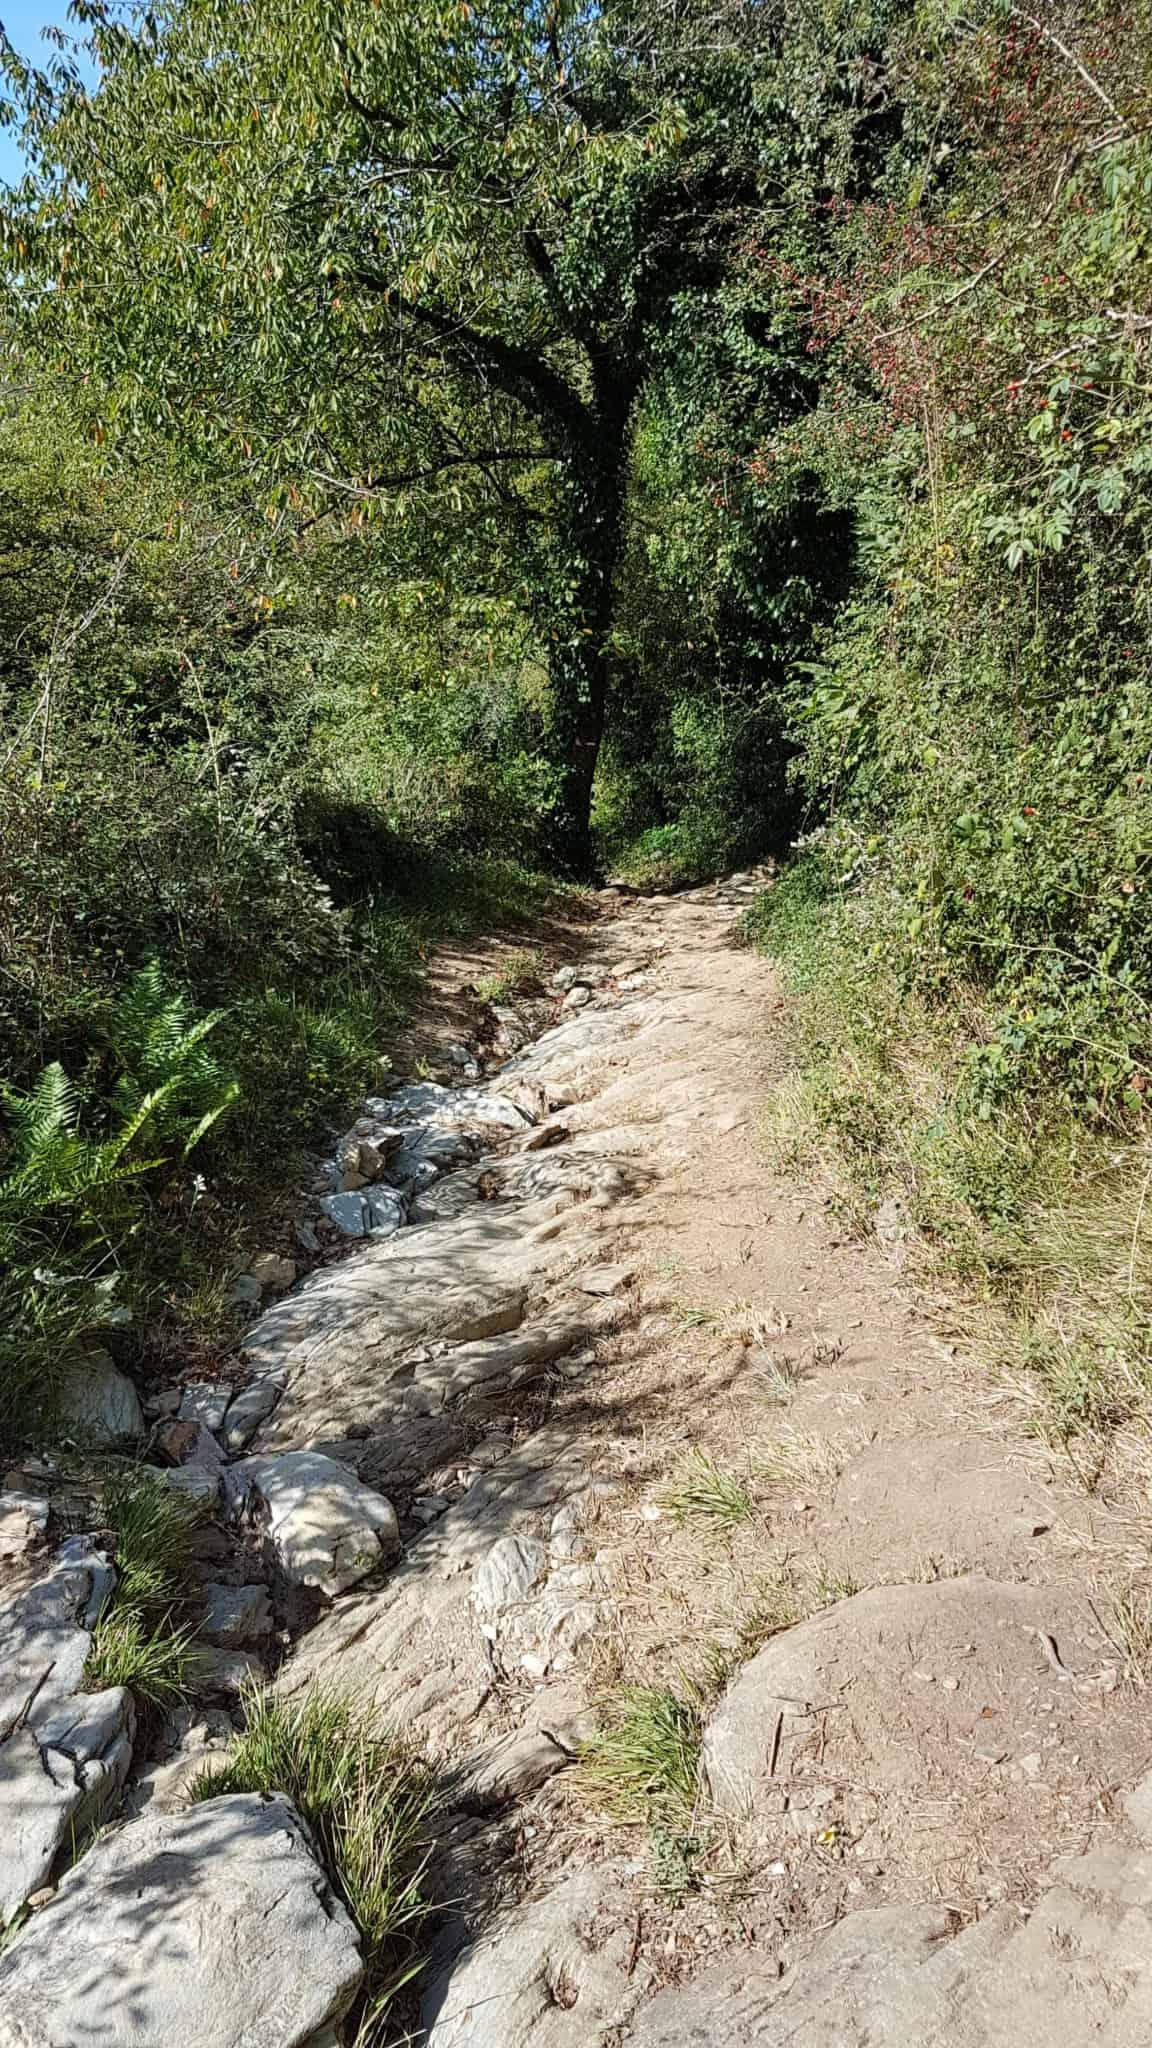 Chemin de Compostelle, nous arrivons à Conques après 204 km parcourus 😁 13